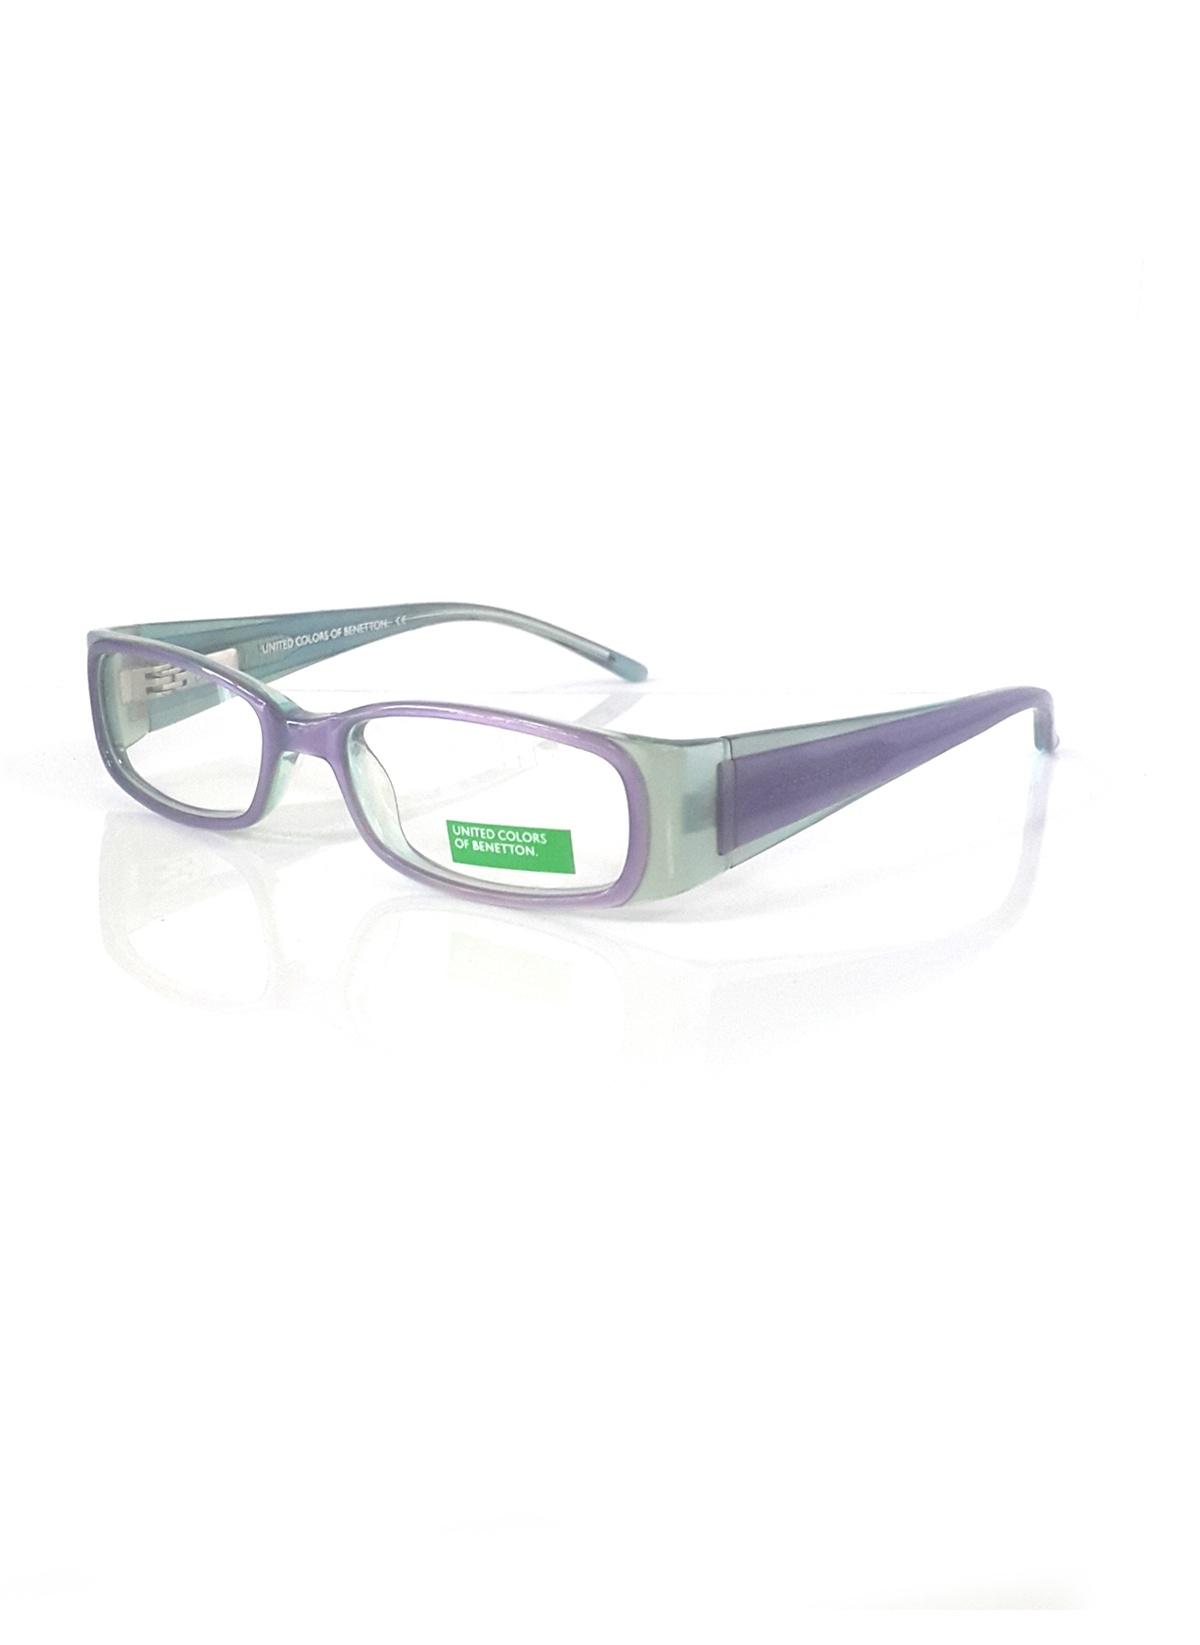 Kız Çocuk Benetton İmaj Gözlüğü